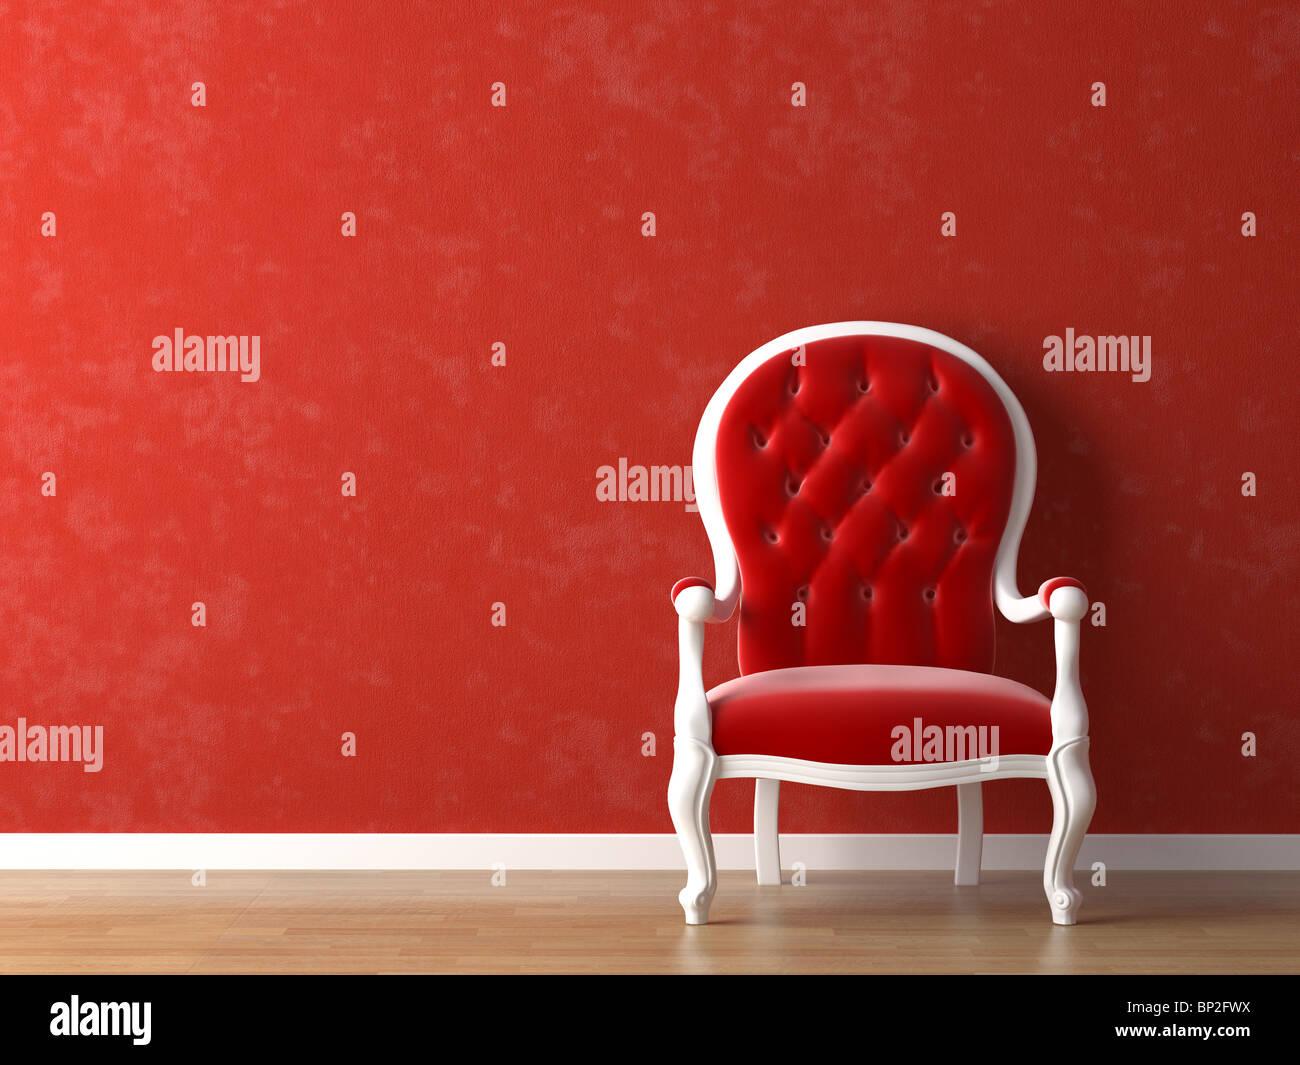 rote und weiße Innenarchitektur mit minimalen Elemente Stockfoto ...